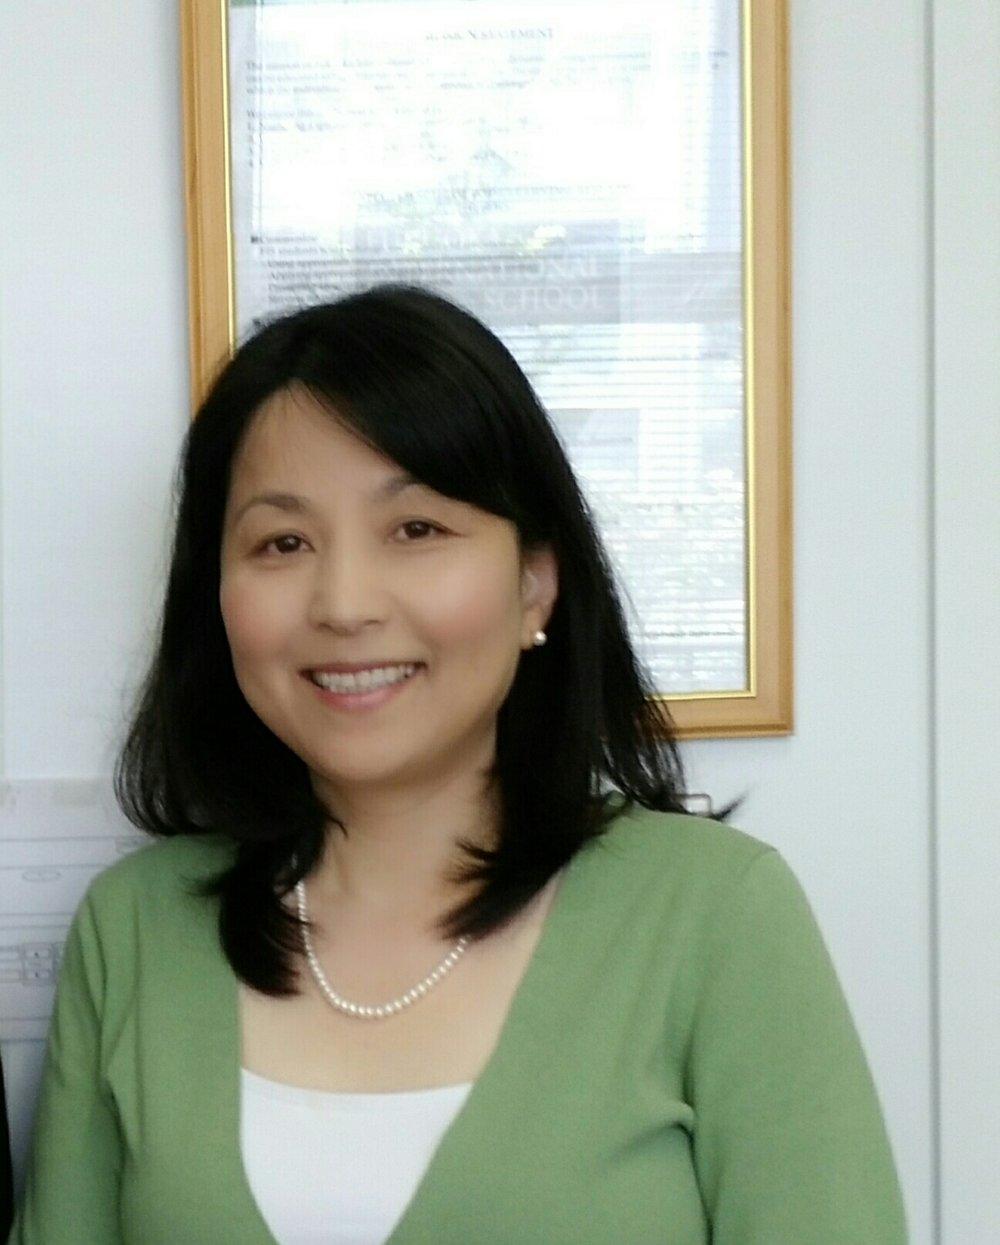 KAORU MATSUMOTO - HEAD OF SCHOOL SECRETARYJAPAN